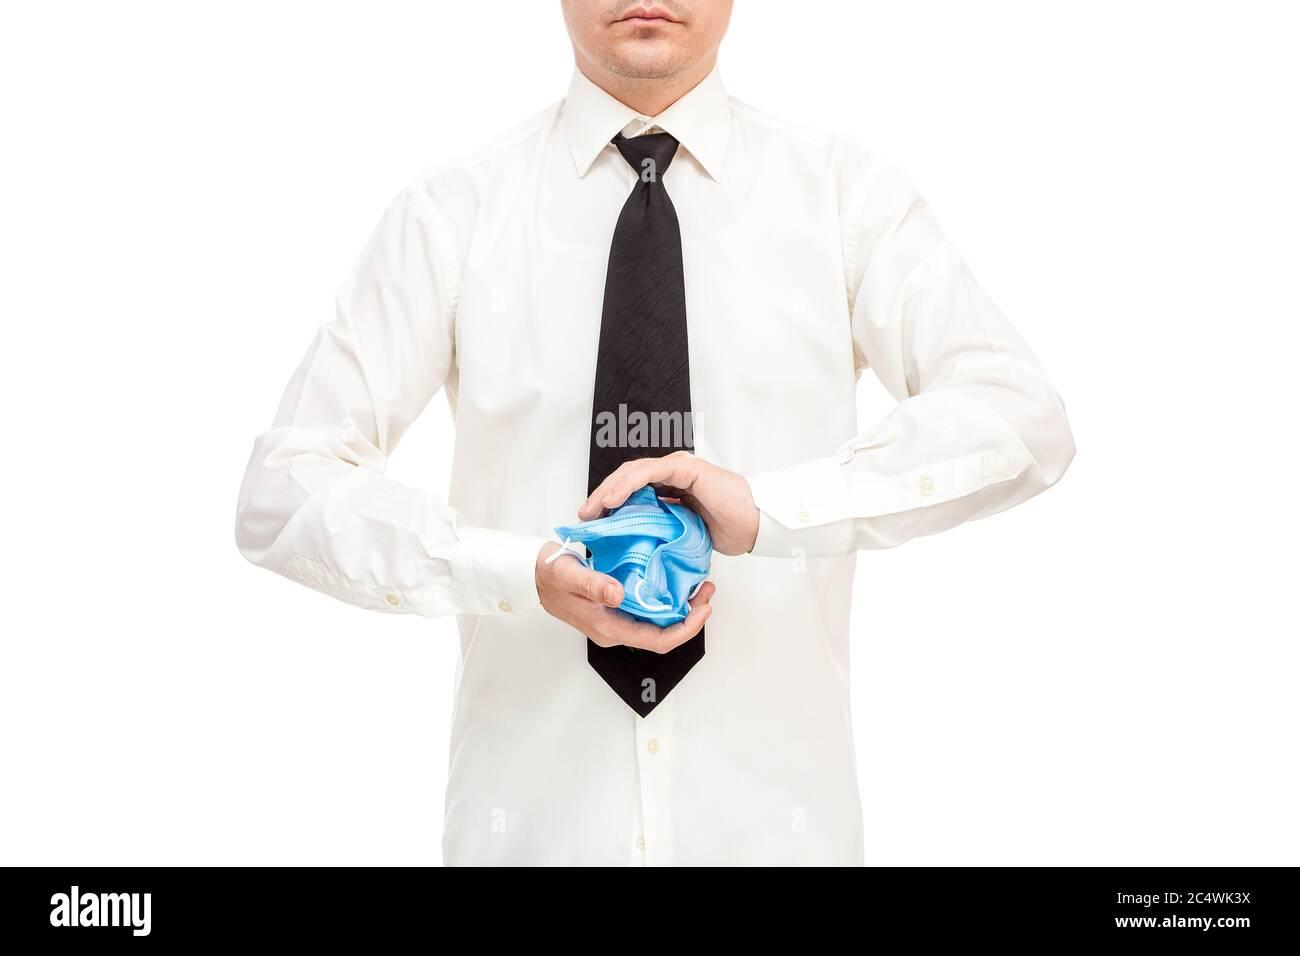 hombre sin rostro en camisa blanca y corbata negra se desmoronó un montón de máscaras médicas ineficaces e inútiles en sus manos en protesta contra la crisi cuarentena Foto de stock